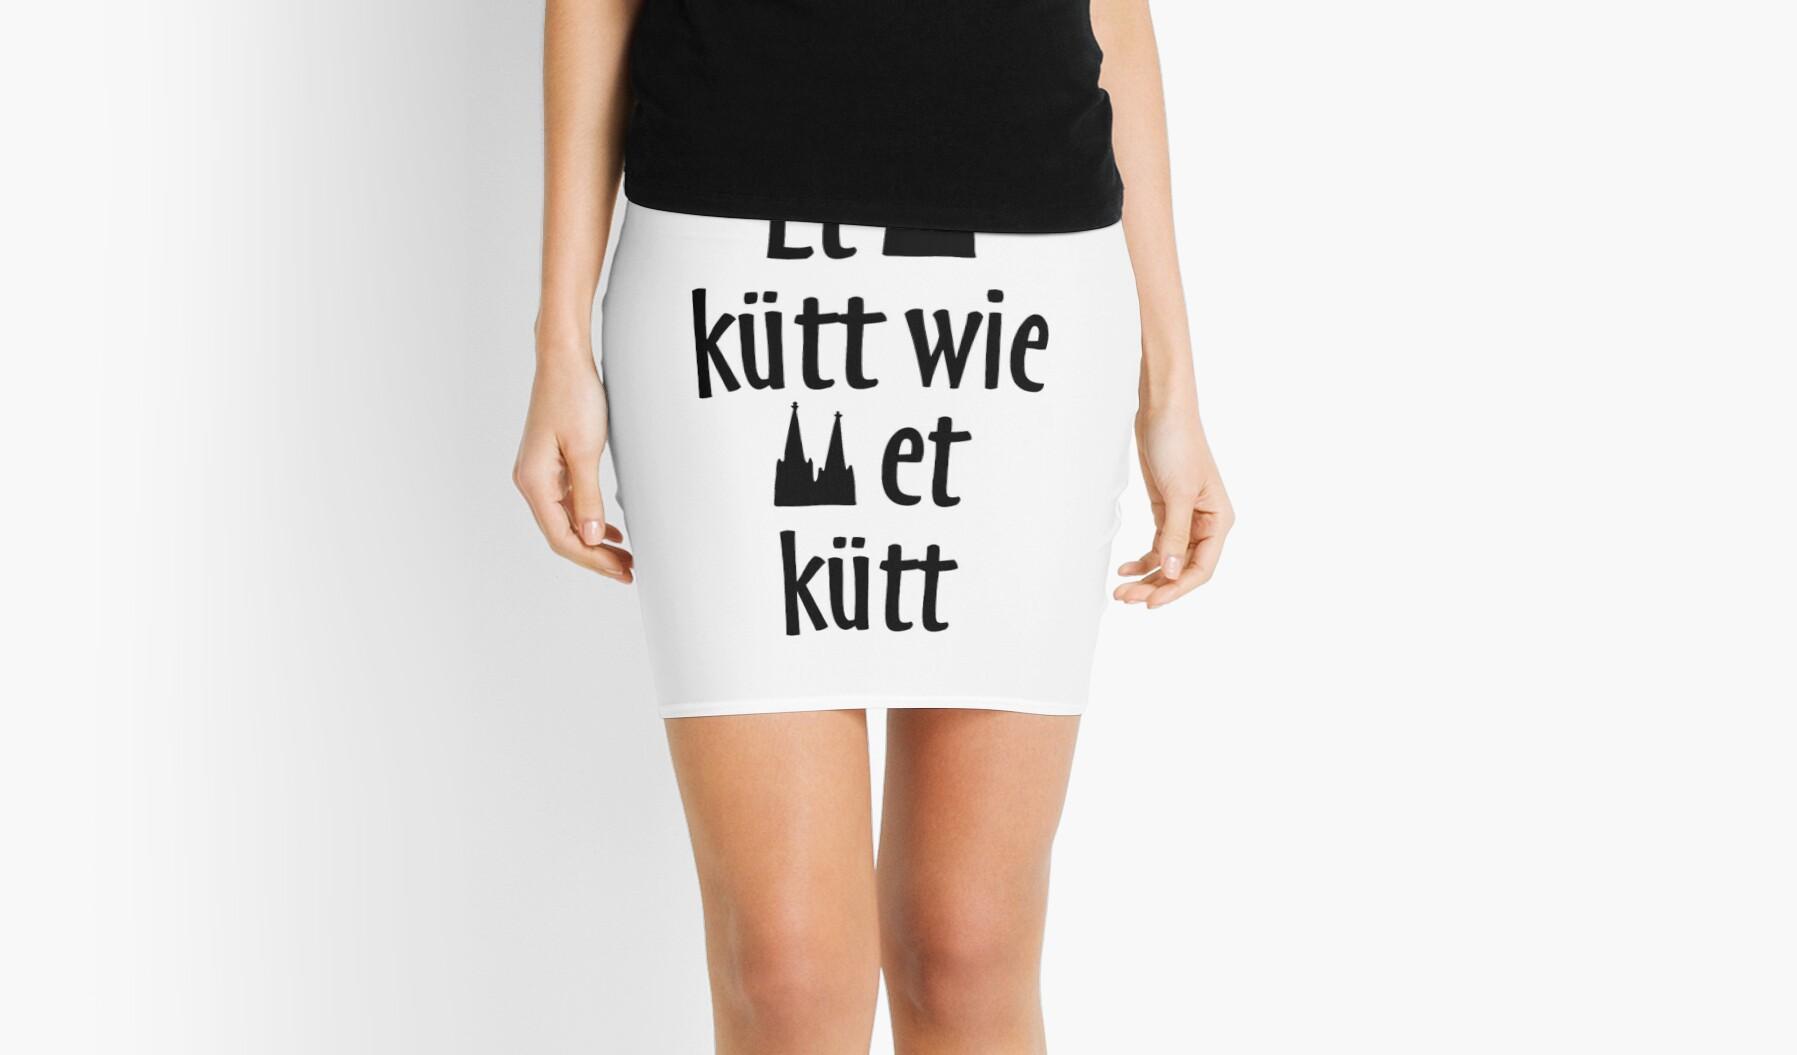 """et kütt wie et kütt - köln spruch kölsche sprüche"""" mini skirts"""